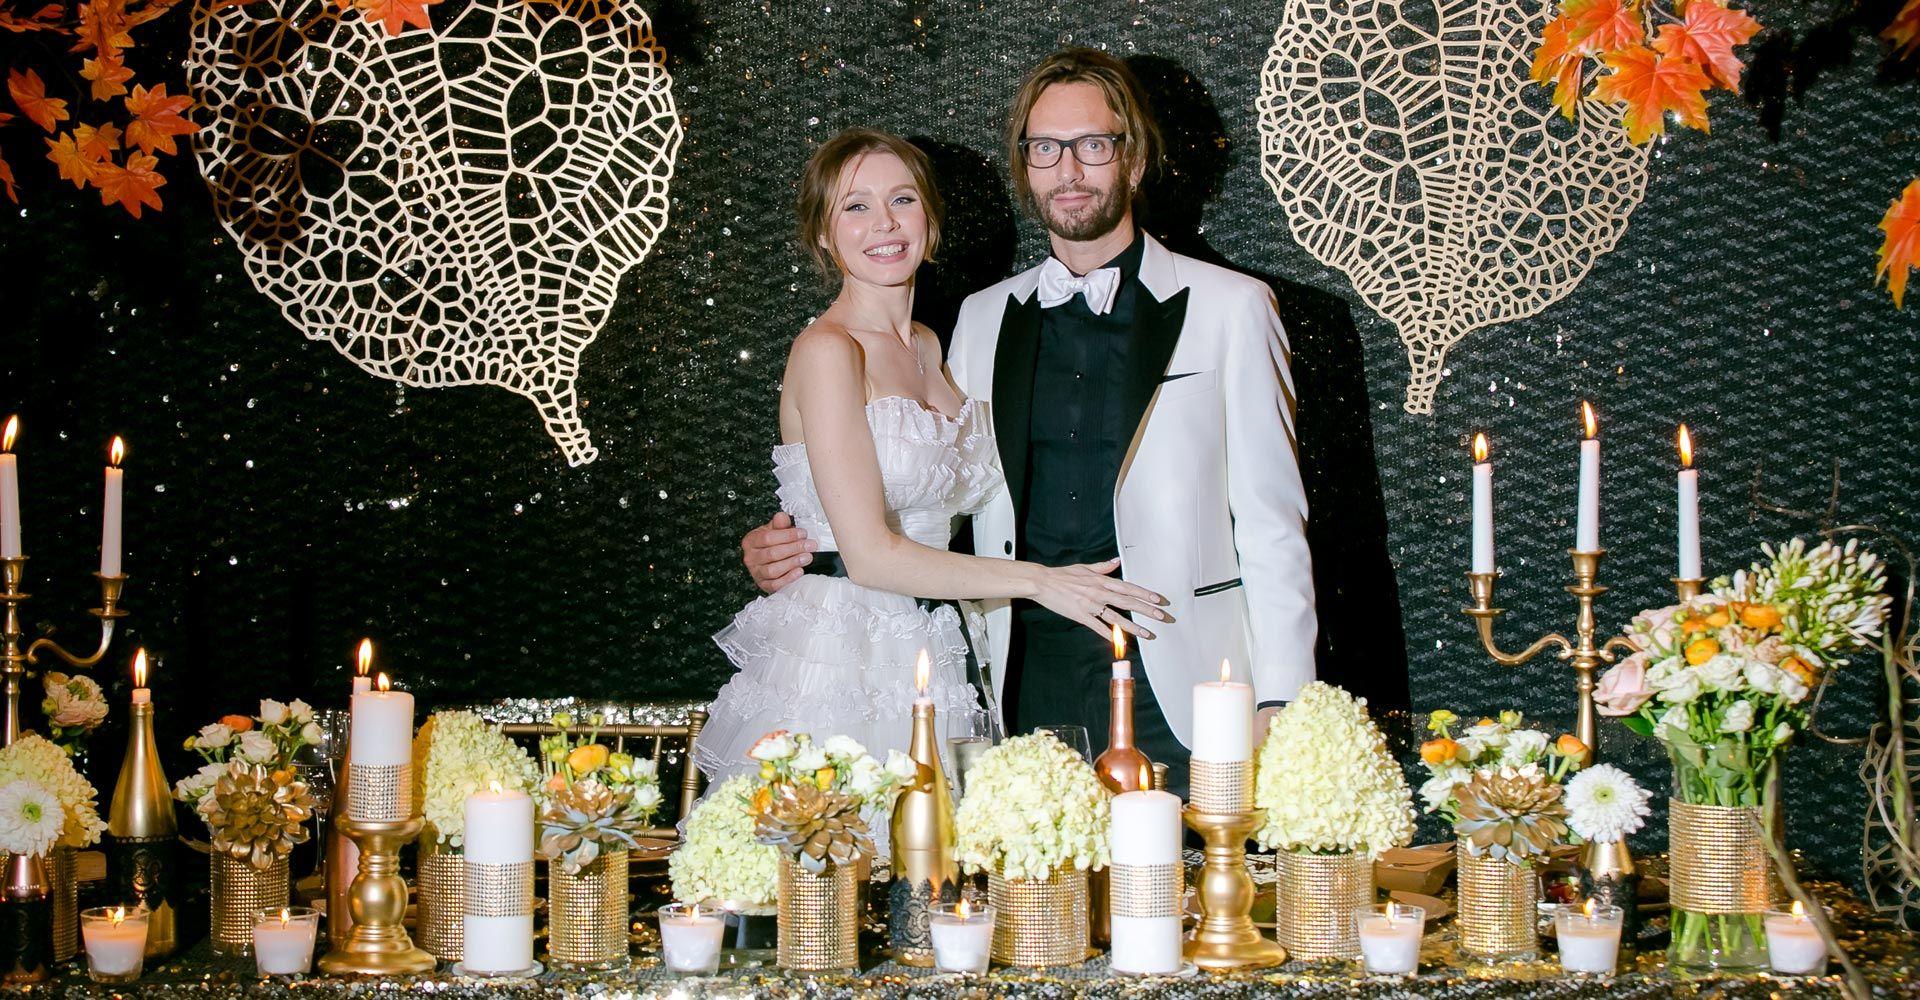 Свадьба Томаса Невергрина и Валерии Жидковой, репортаж, фото 28